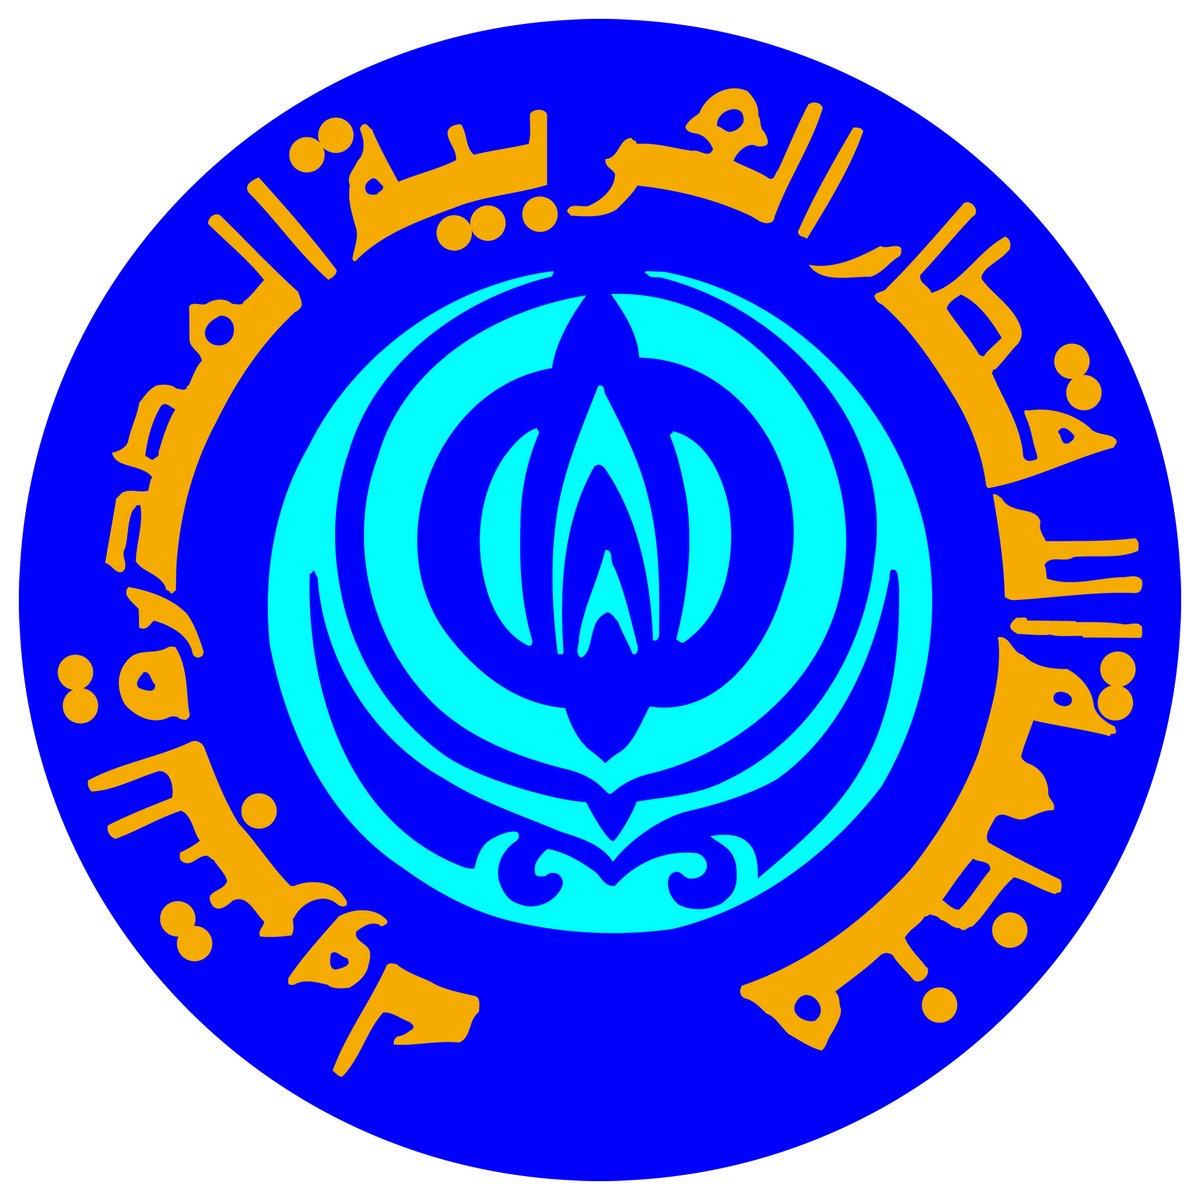 D400Bh7X4AANLH  - مجلس وزراء «أوابك» يعقد اجتماعه الـ 102 بالكويت.. السبت المقبل